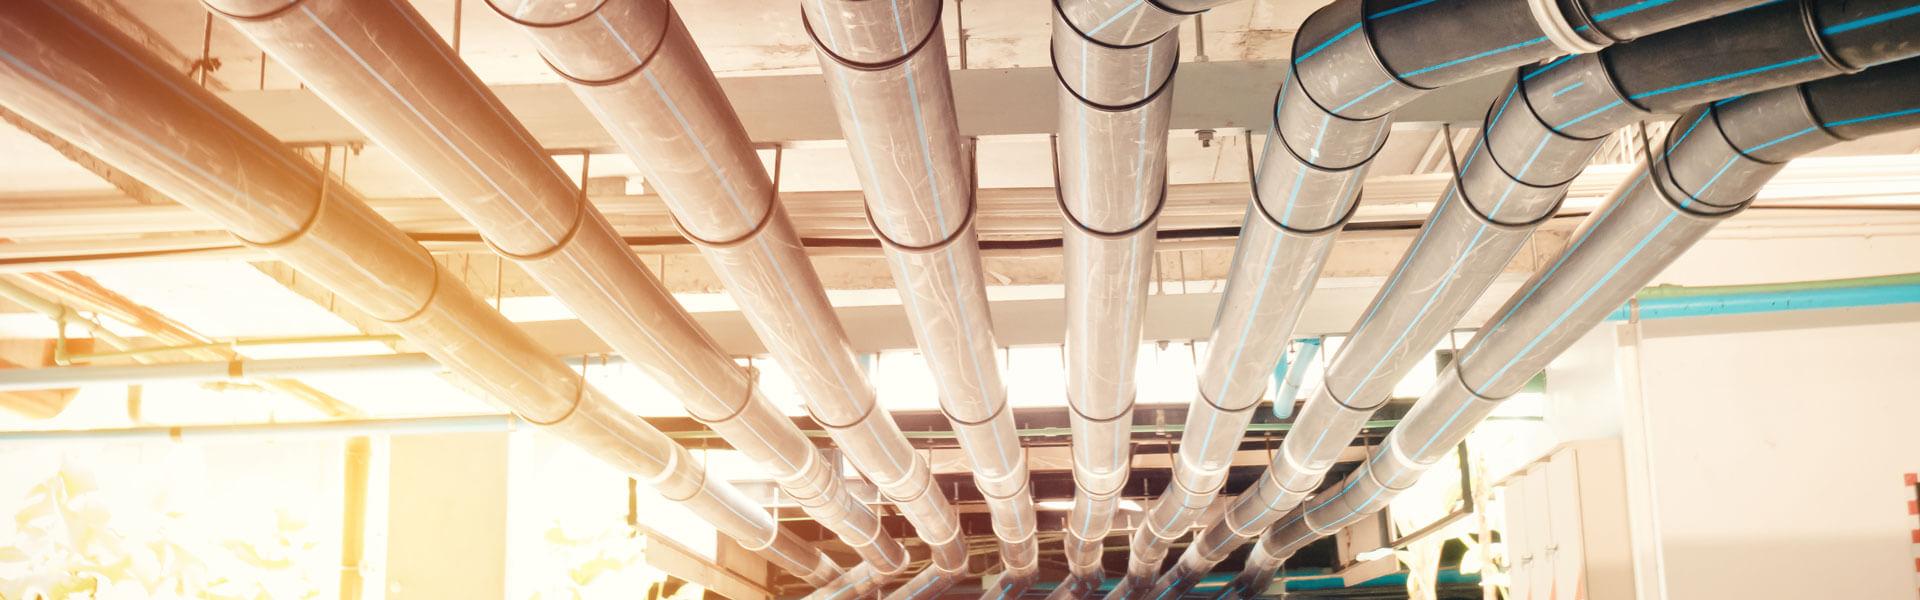 Ipari hűtés, fűtés, csőszerelés - Heating Service 2000 Kft - Vécses